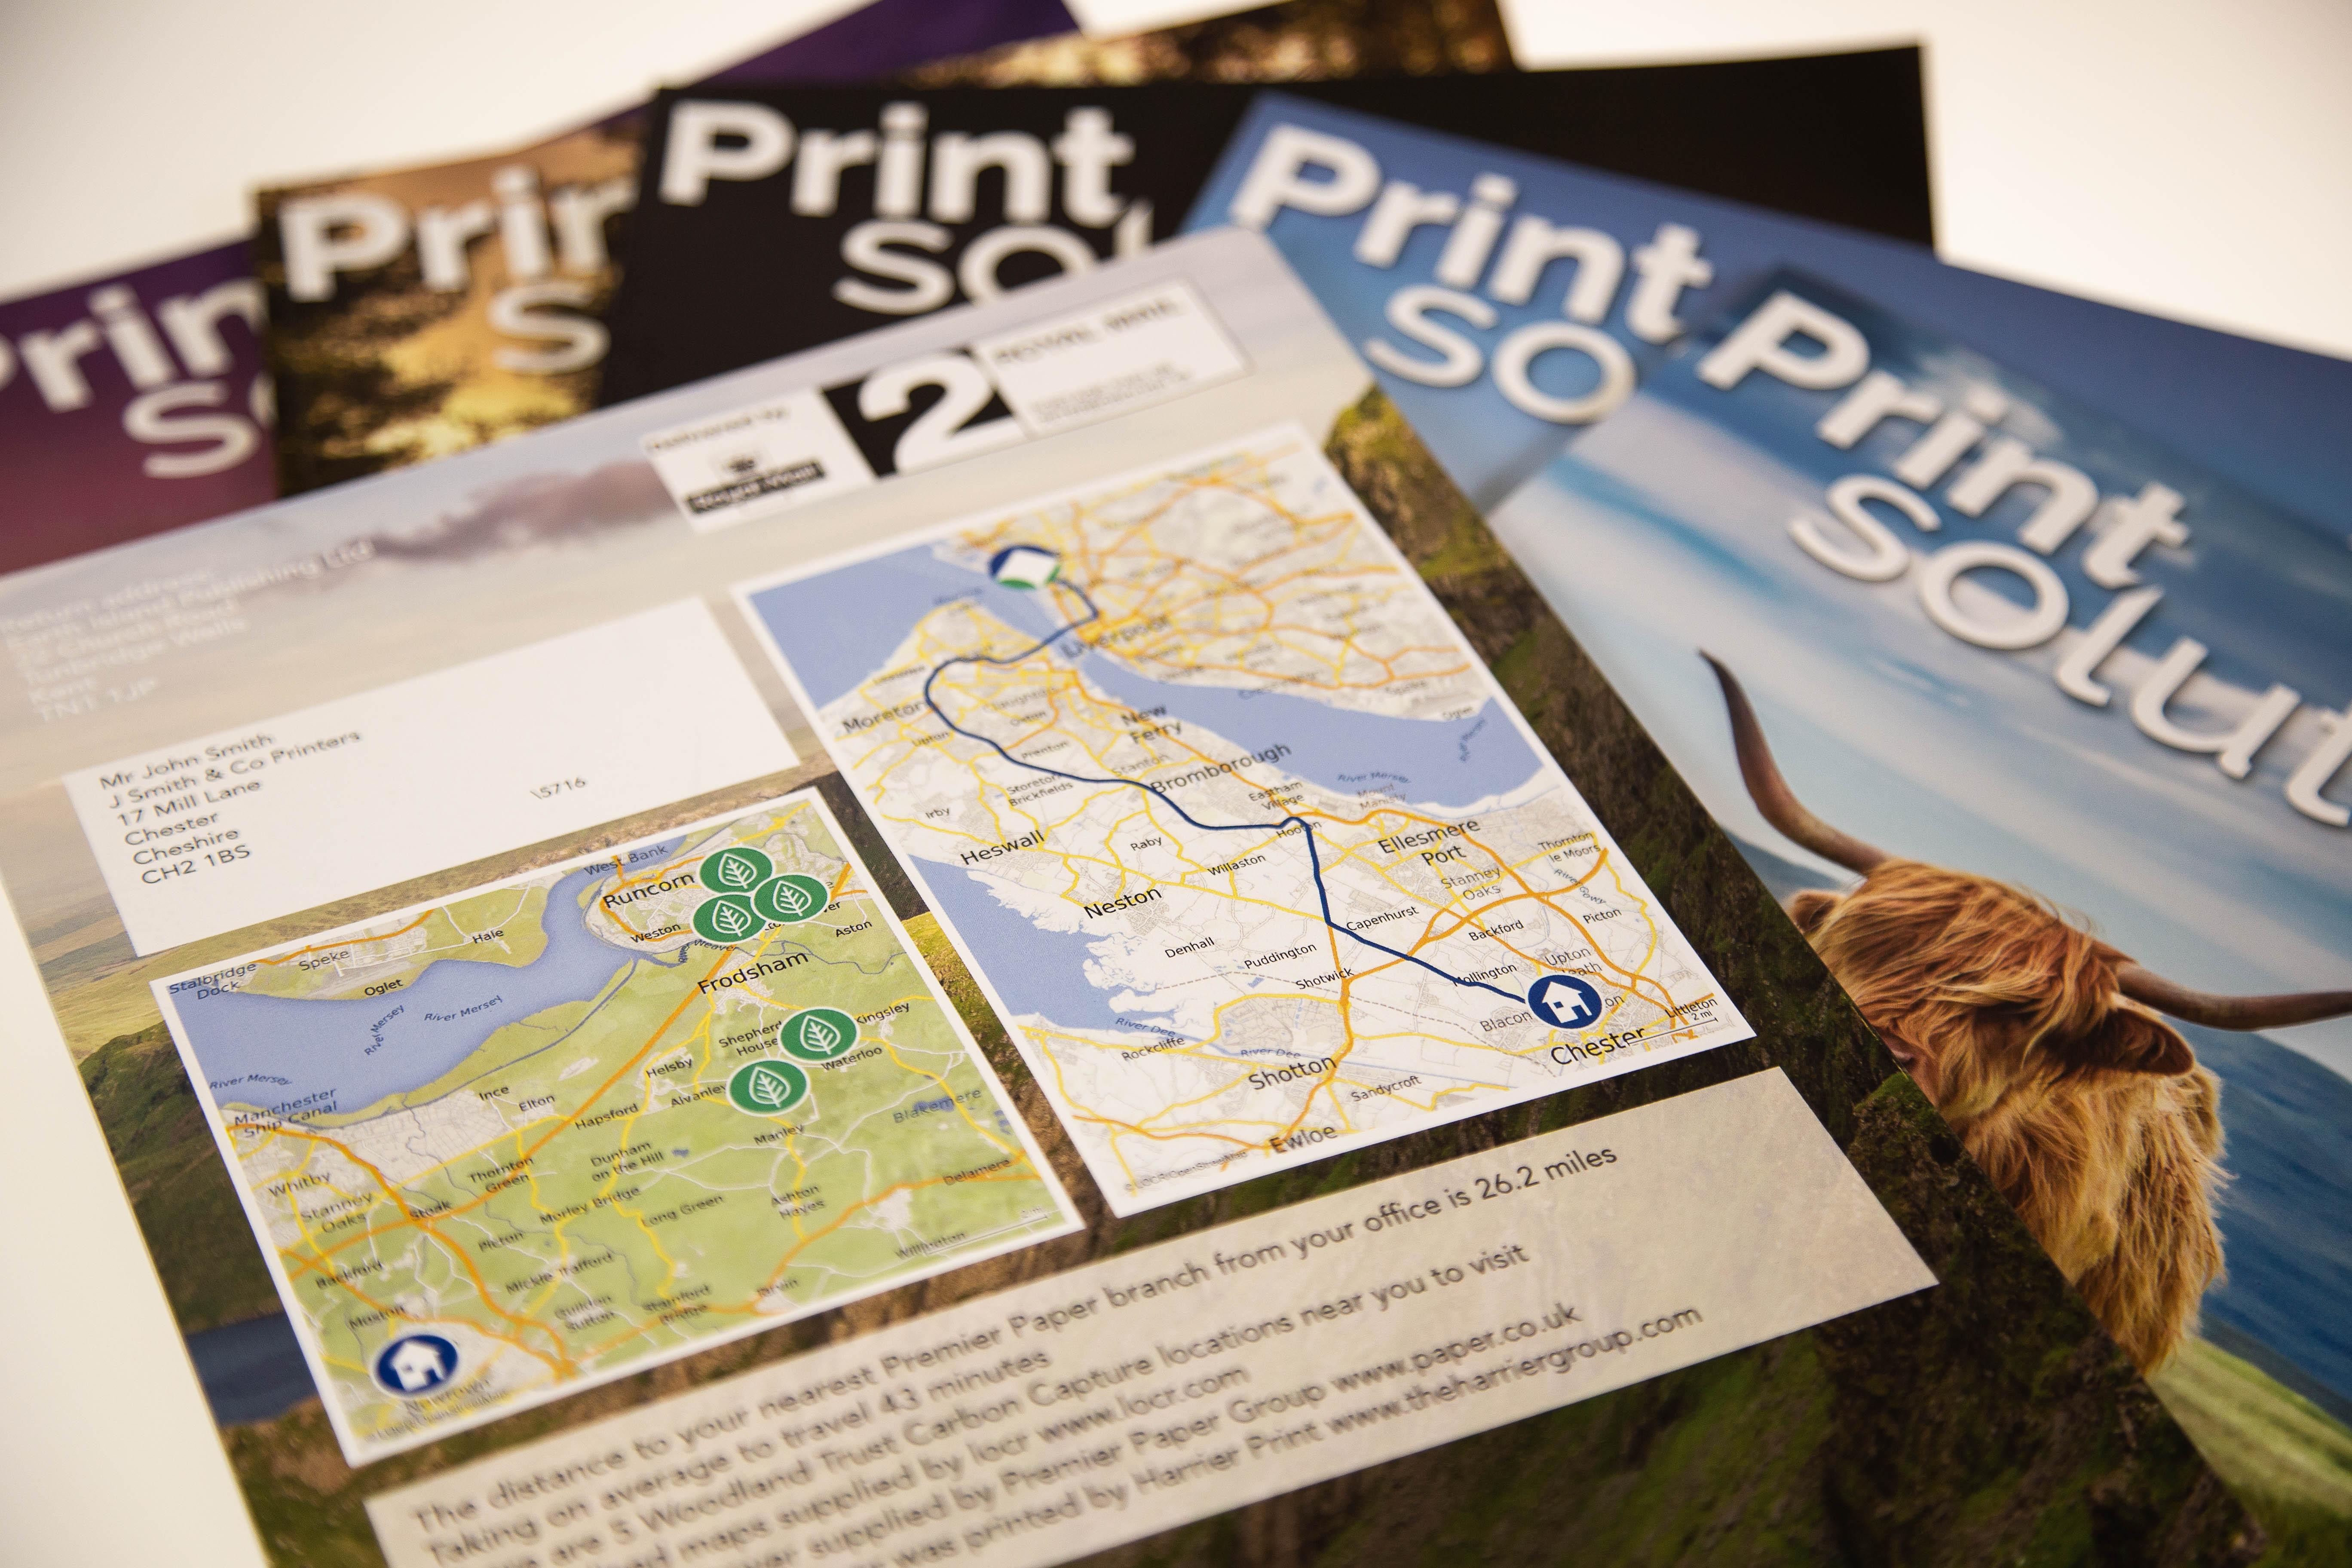 Print Solutions Magazine locr individualisierte Karten